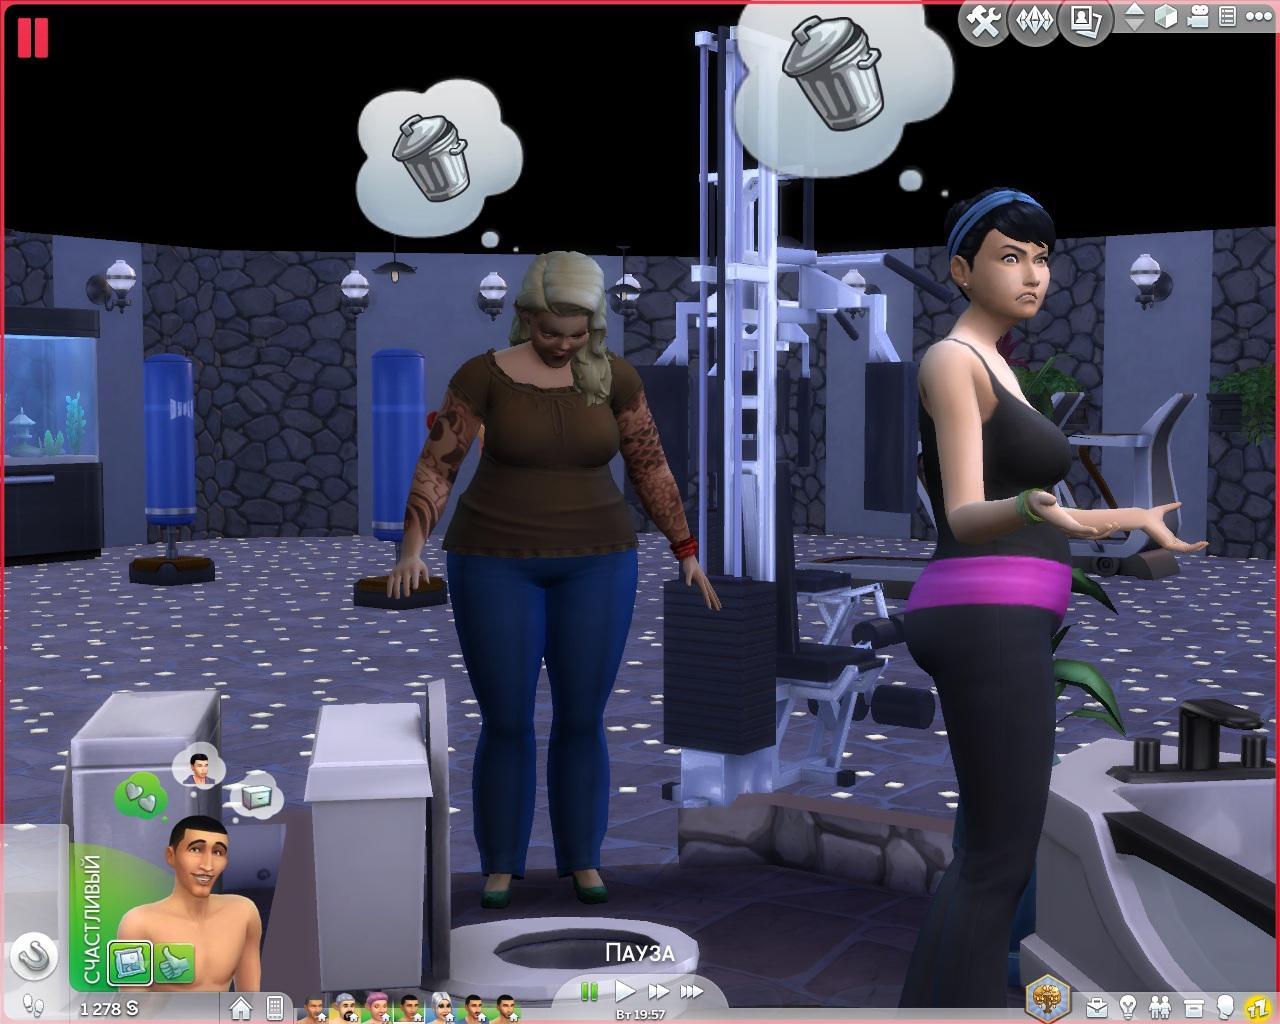 Sims 4 сказать тост